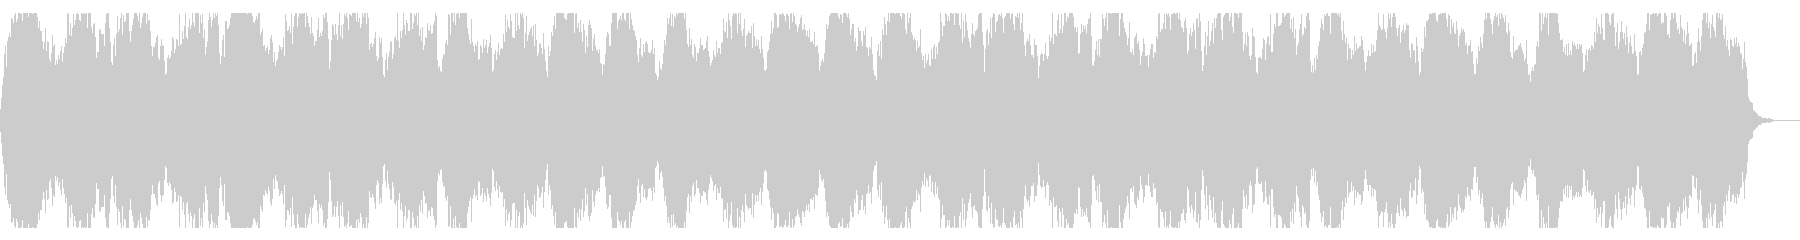 哀愁感あるストリングス ファンタジー楽曲の未再生の波形